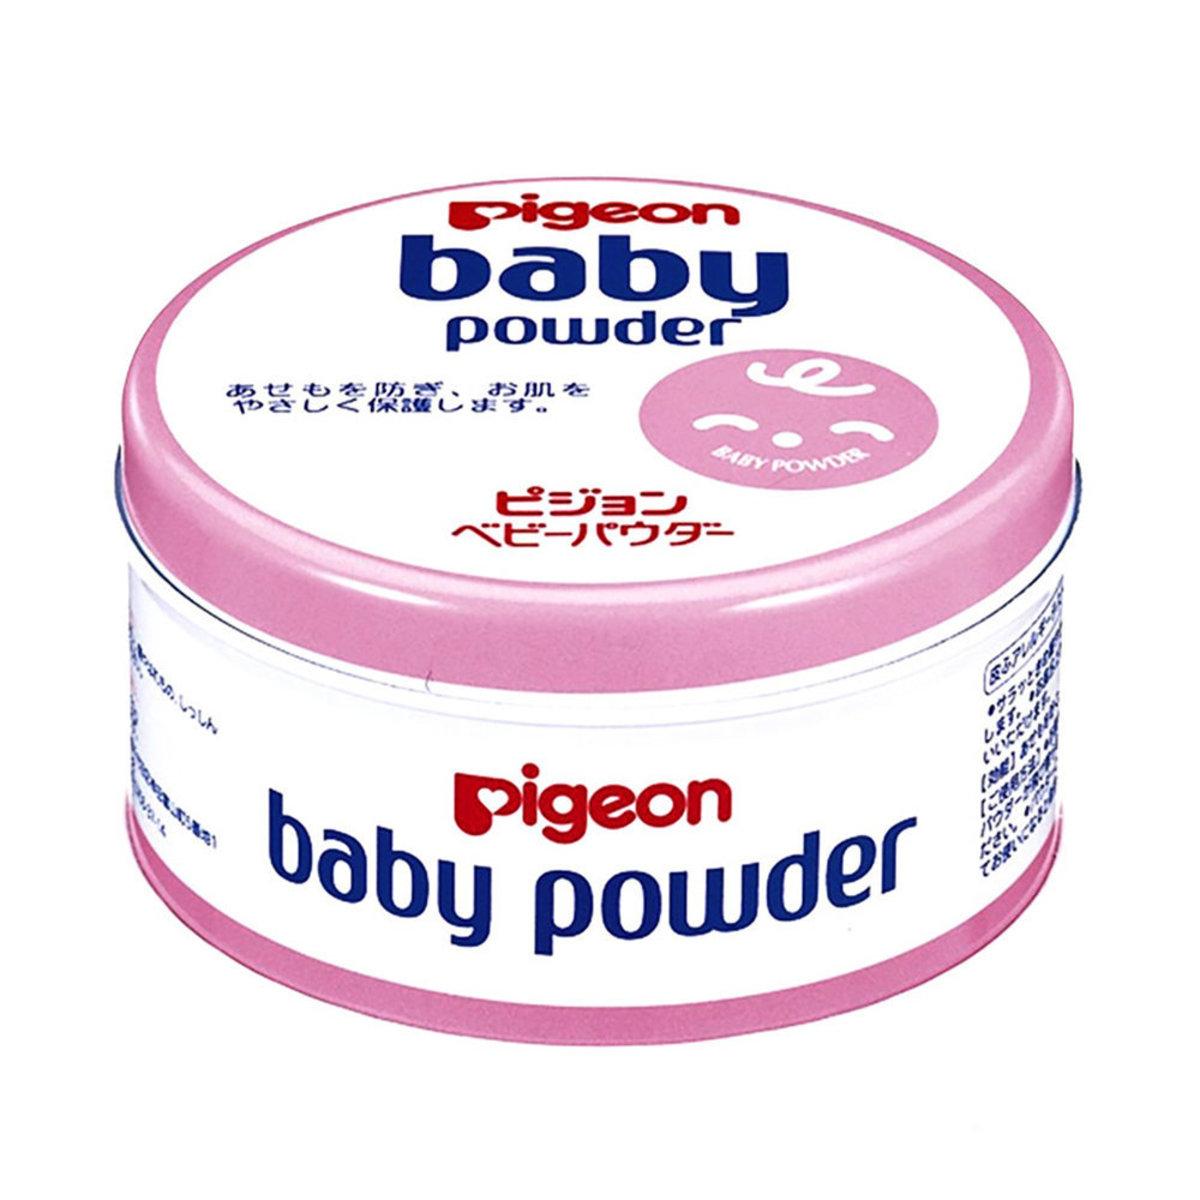 貝親 純天然嬰兒藥用微香型爽身粉 150g 甘草精華 (粉罐) (4902508070607)